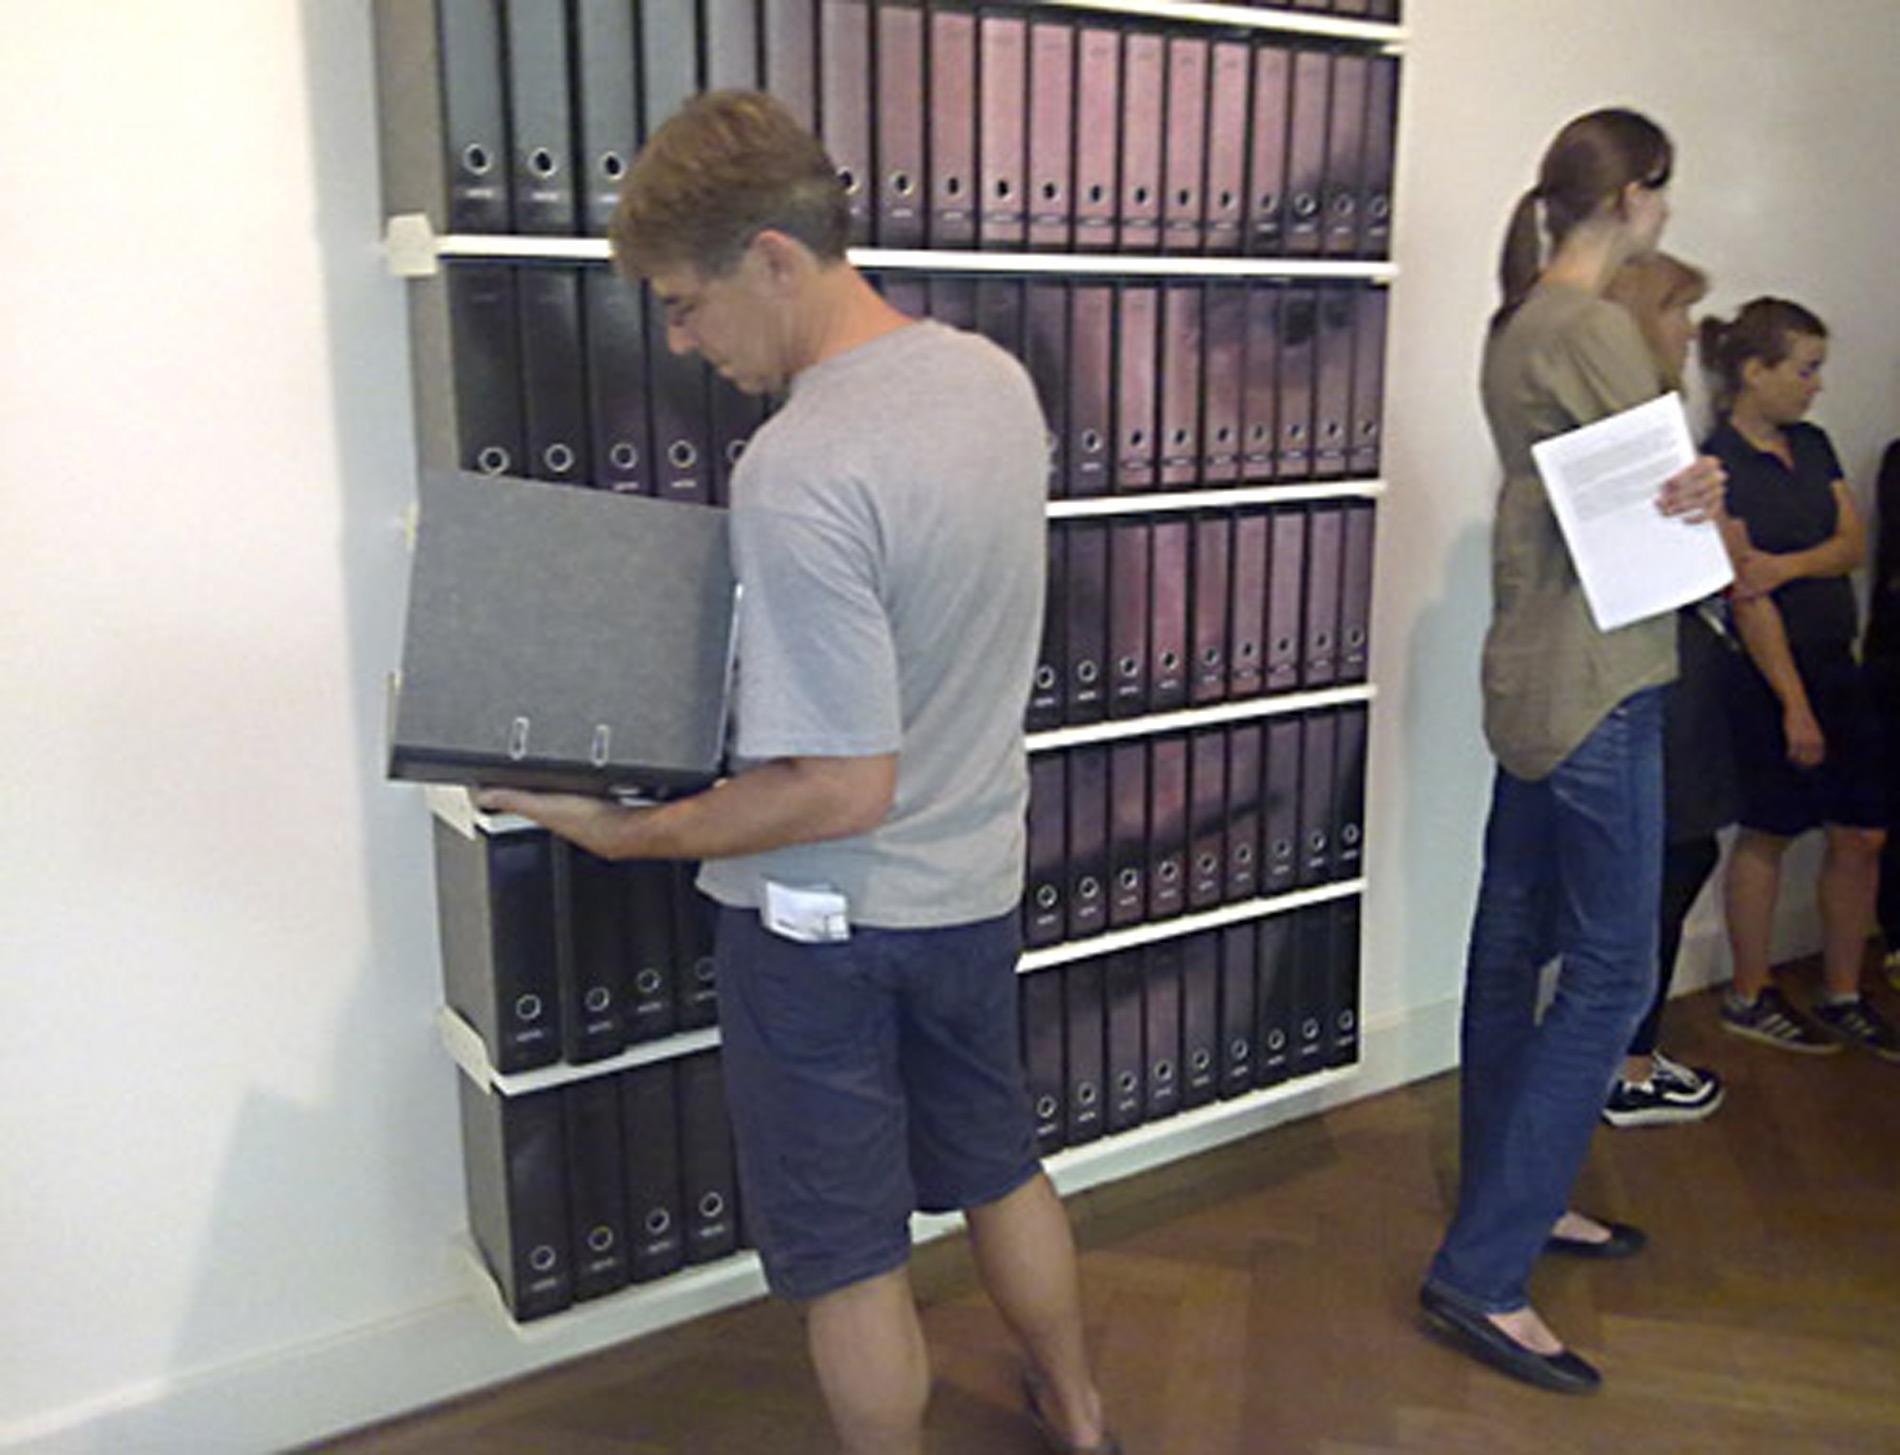 """Michael Göbel - Gruppenausstellung """"Trautes Heim - Glück allein"""" - Nassauischer Kunstverein Wiesbaden, 2011"""